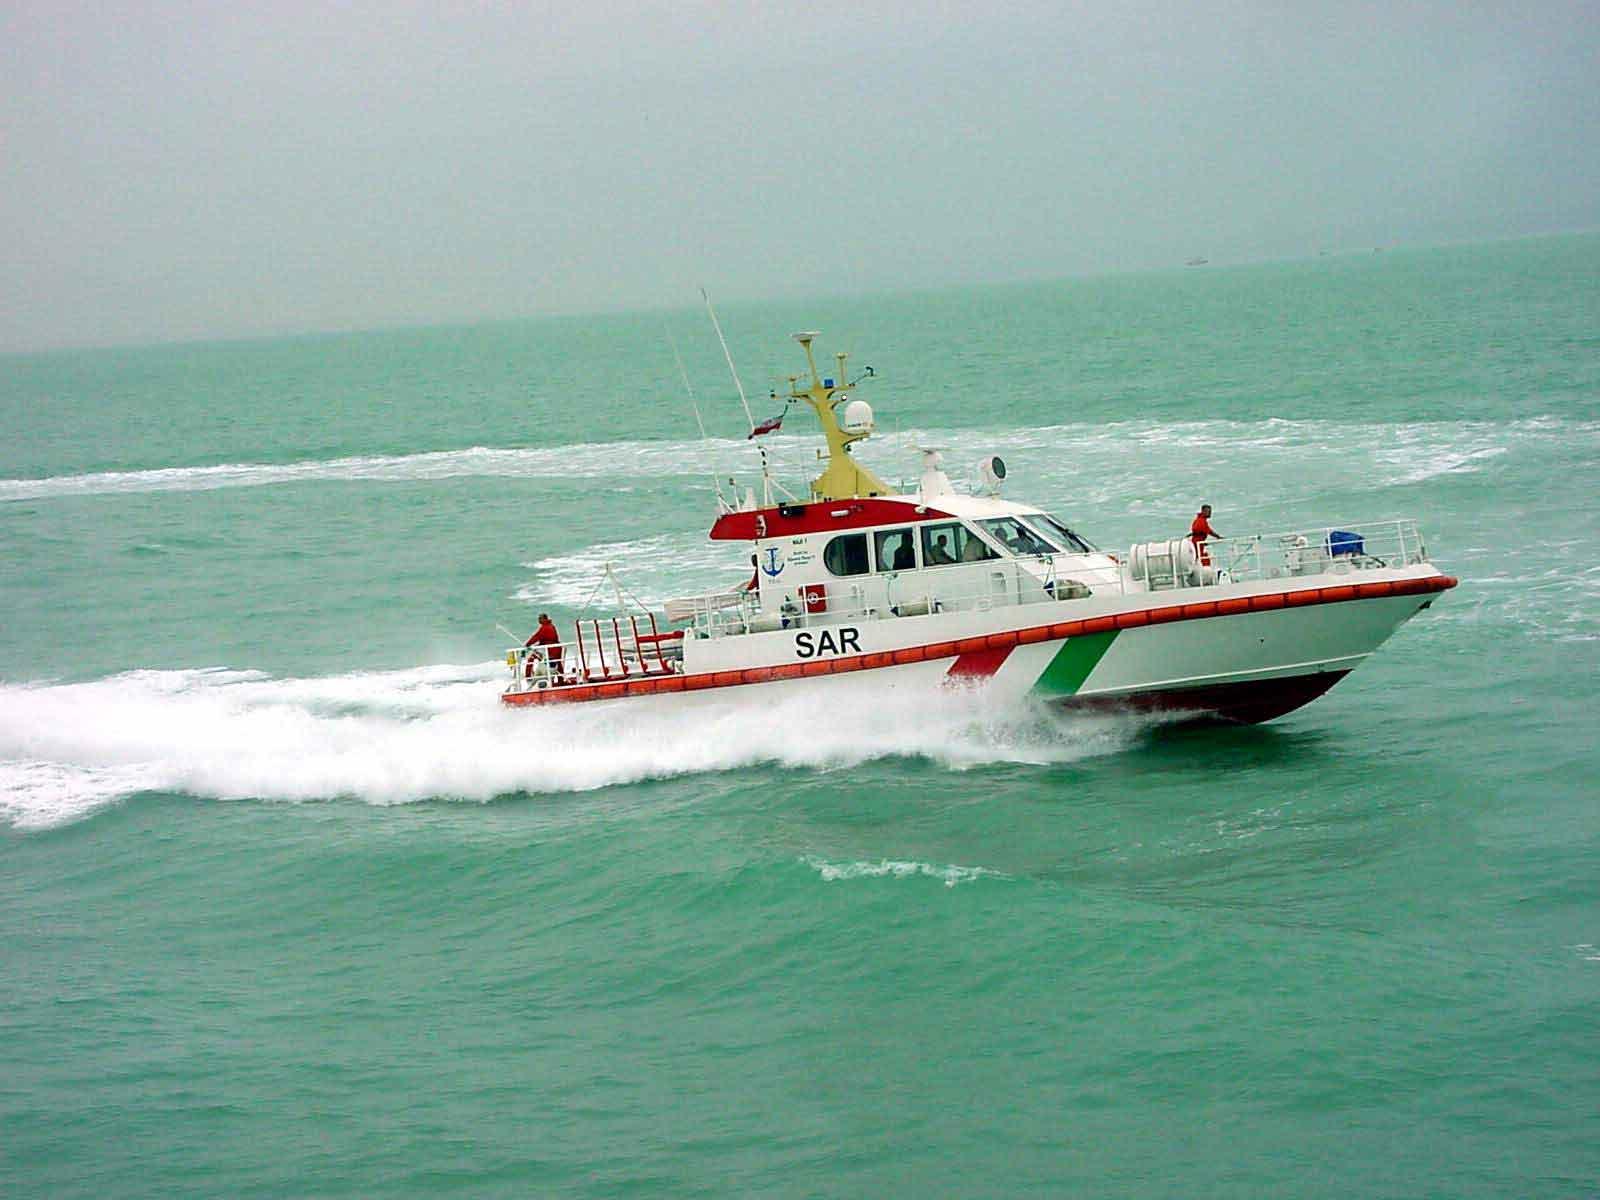 ۴۳ عملیات امداد و نجات در آبهای استان بوشهر انجام شد